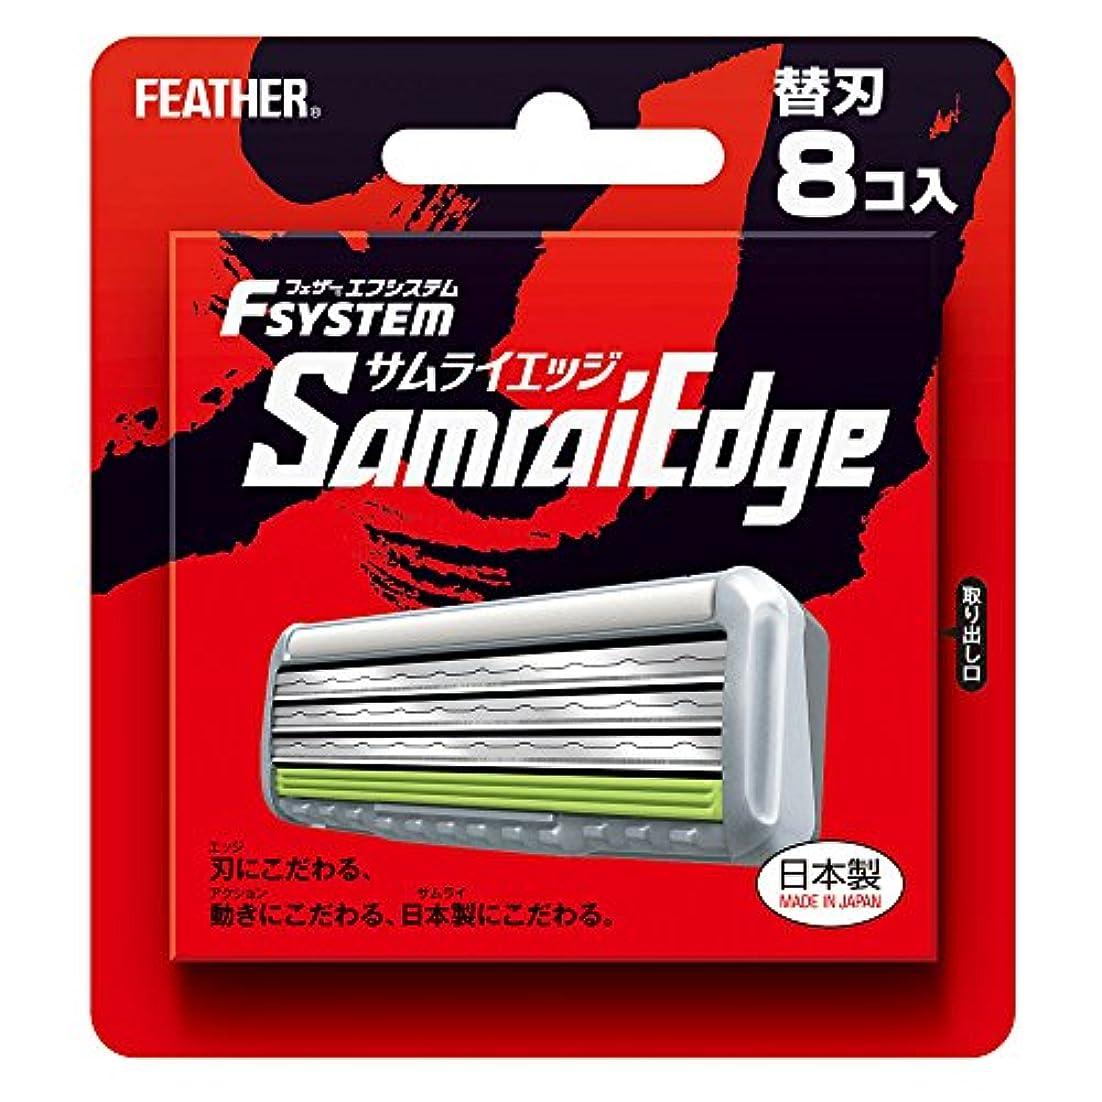 謝る議題取り組むフェザー エフシステム 替刃 サムライエッジ 8コ入 (日本製)